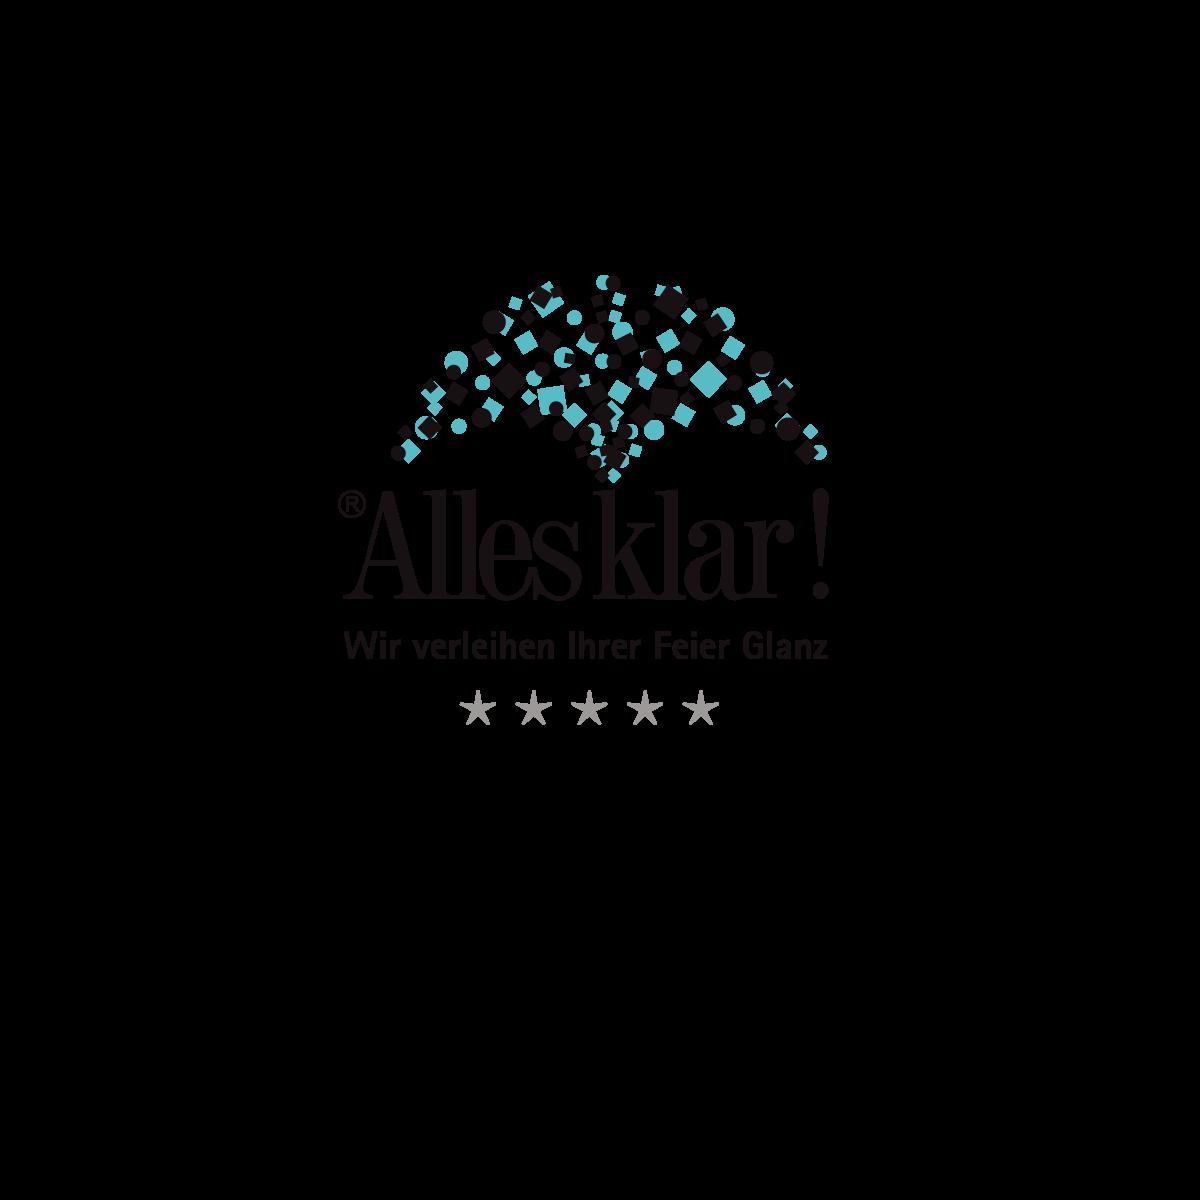 Alles Klar! Logo